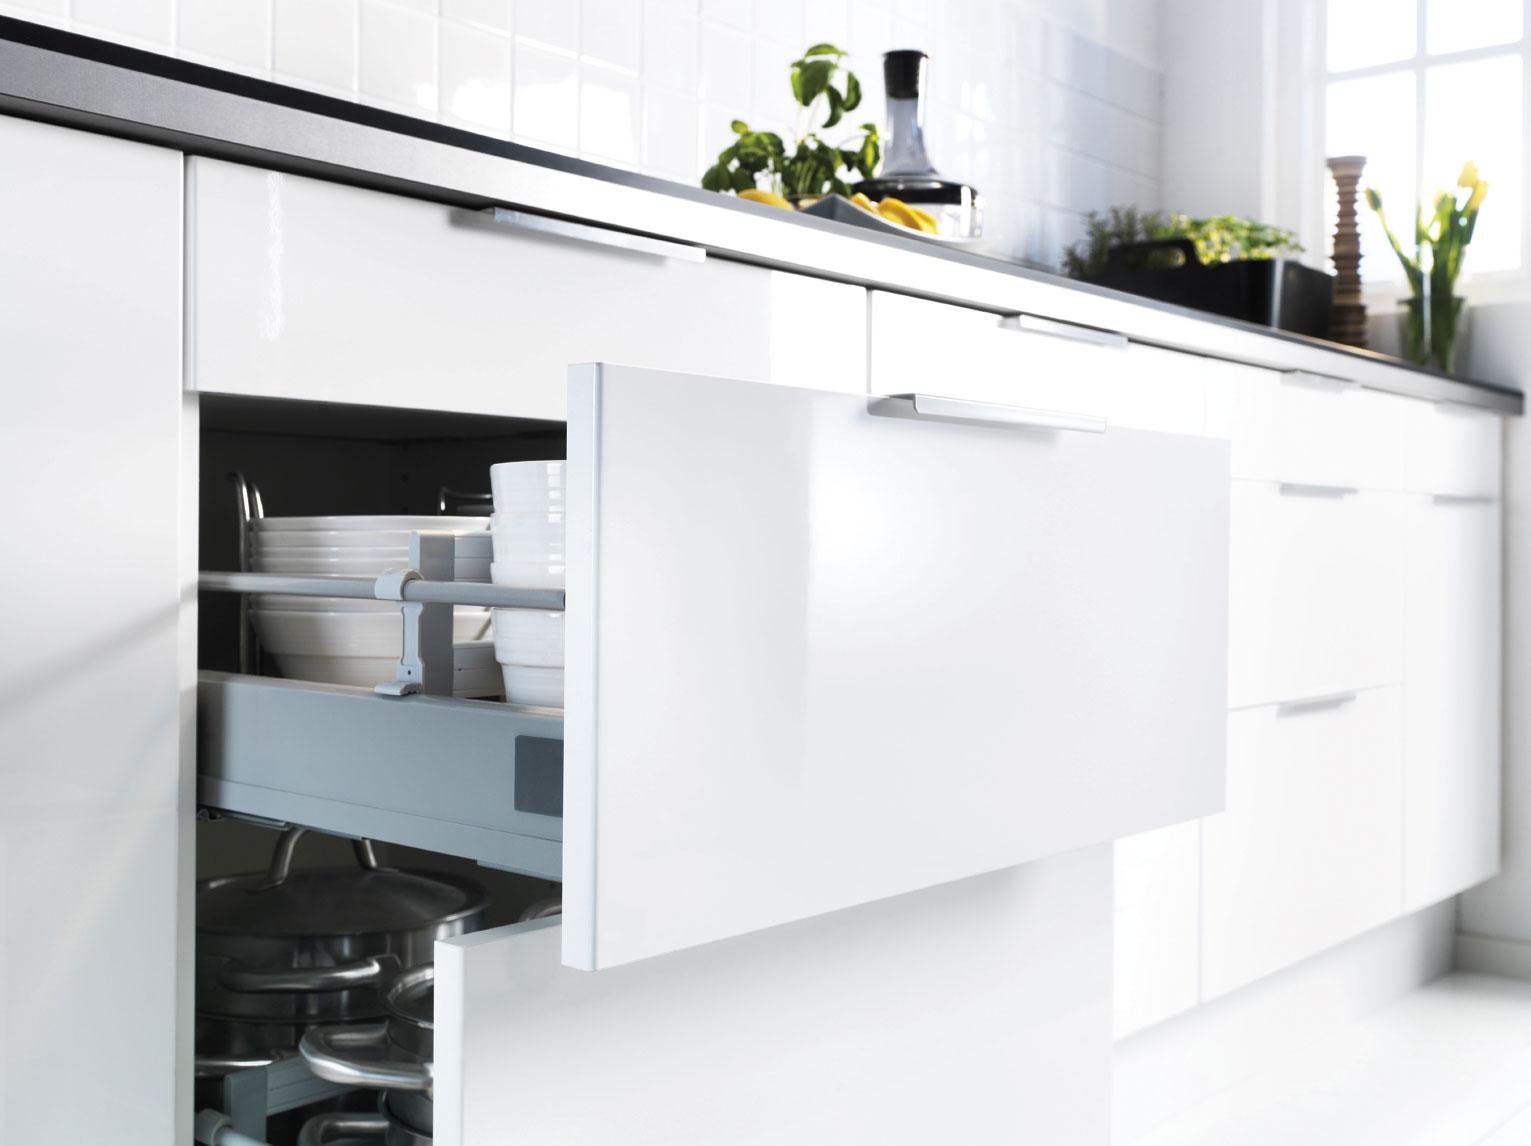 Novedades ikea 2012 cocinas im genes de ambientes con for Ikea cocinas catalogo 2012